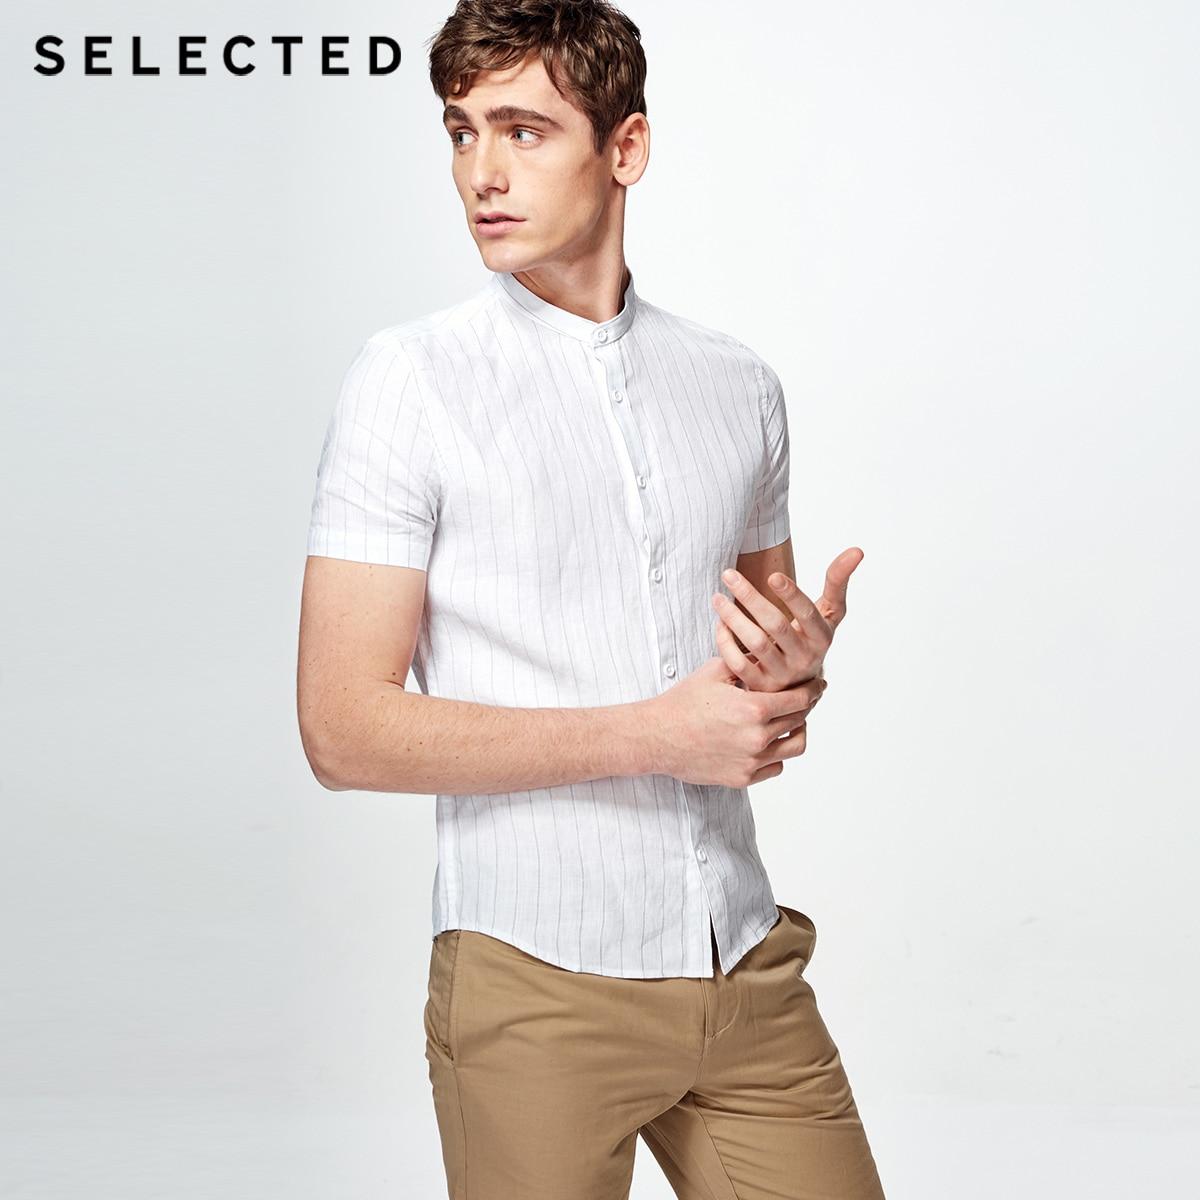 選択ストライプスタンド襟スリムビジネスレジャー半袖シャツ s  418204506  グループ上の メンズ服 からの カジュアル シャツ の中 1